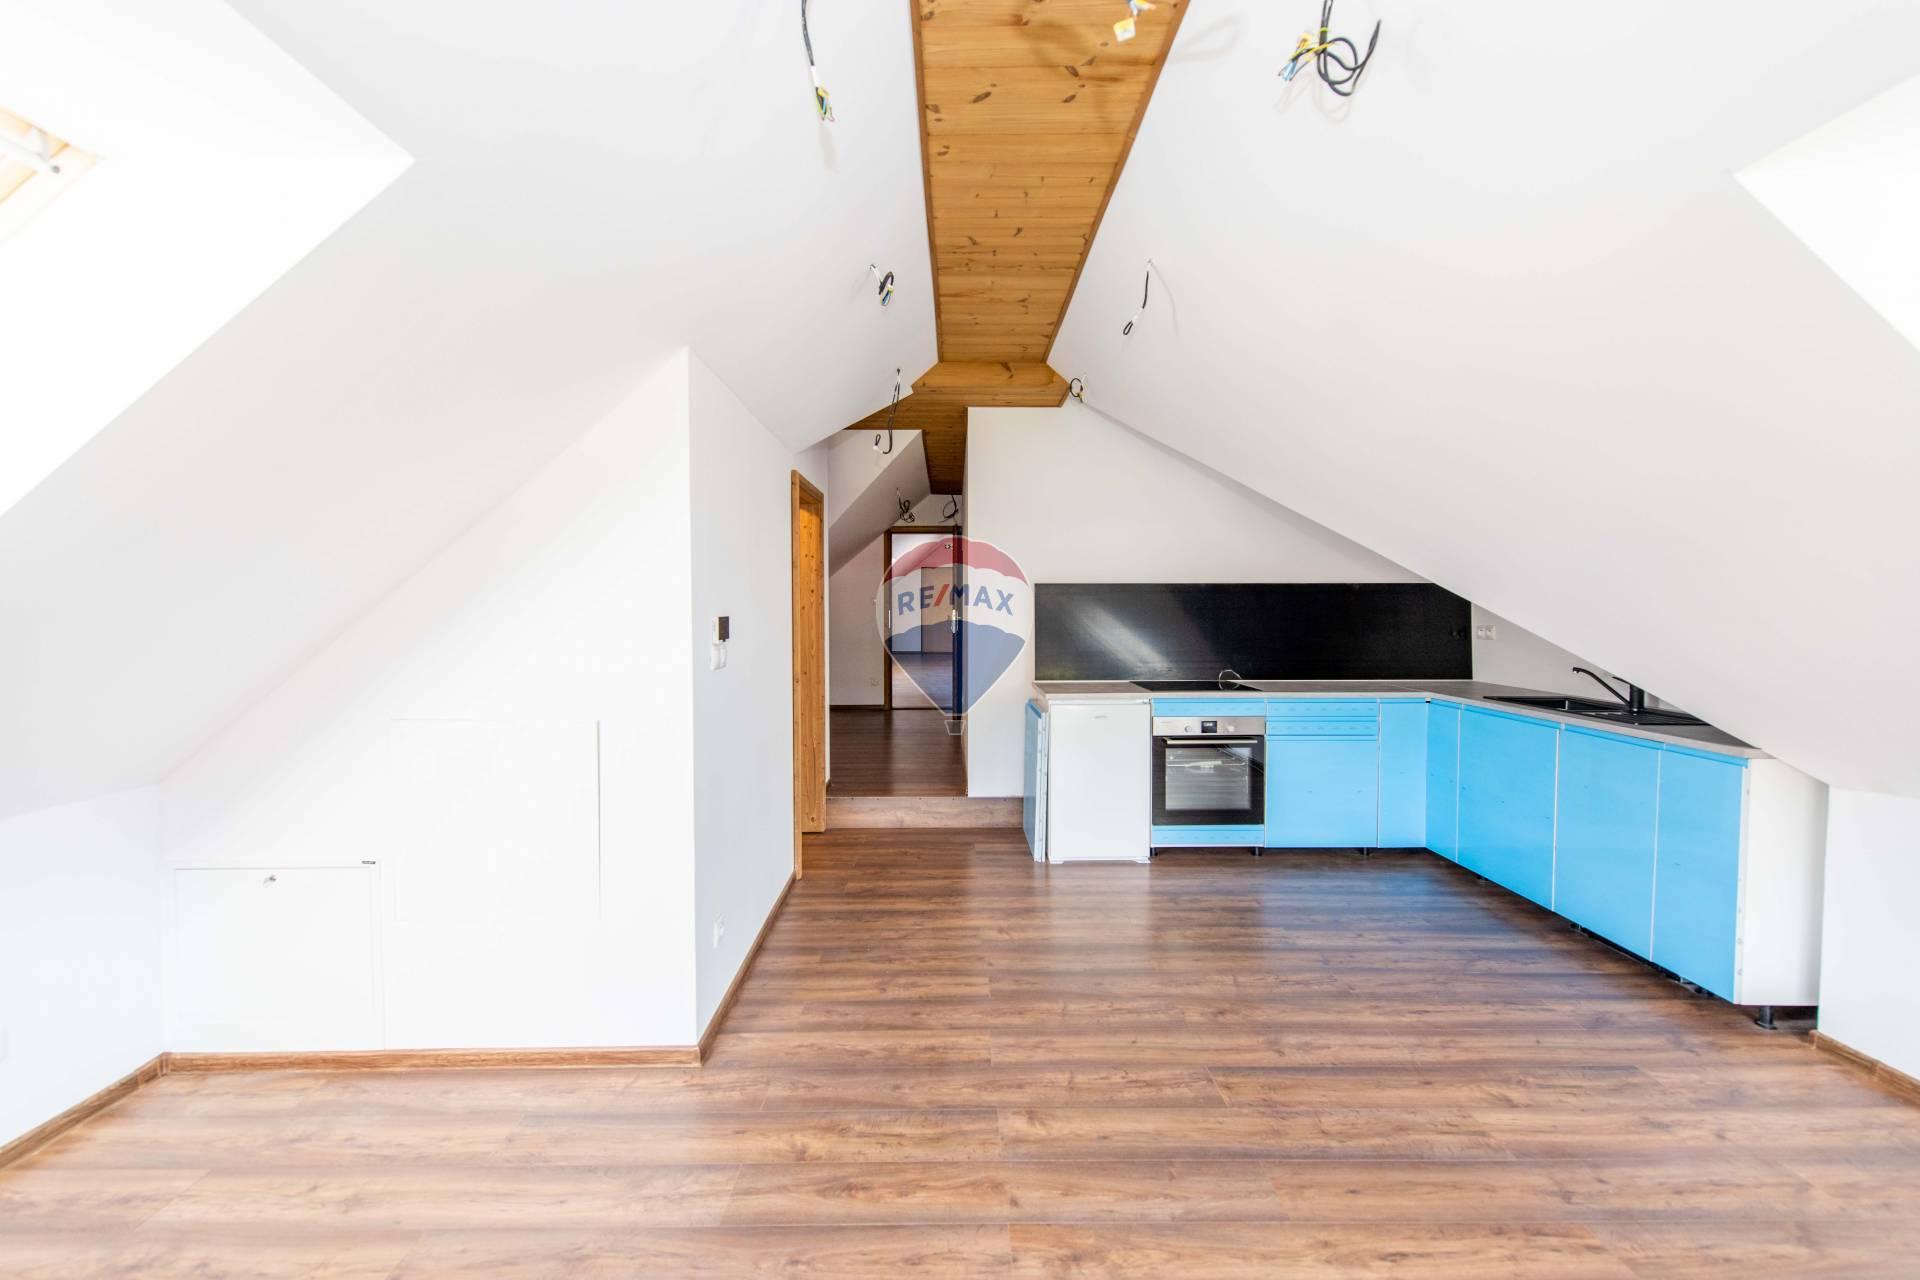 Predaj bytu (3 izbový) 79 m2, Veľká Lomnica - PREDAJ, 3-izbový byt, Apartmány Lomnica, Veľká Lomnica, Ul. Tatranská,